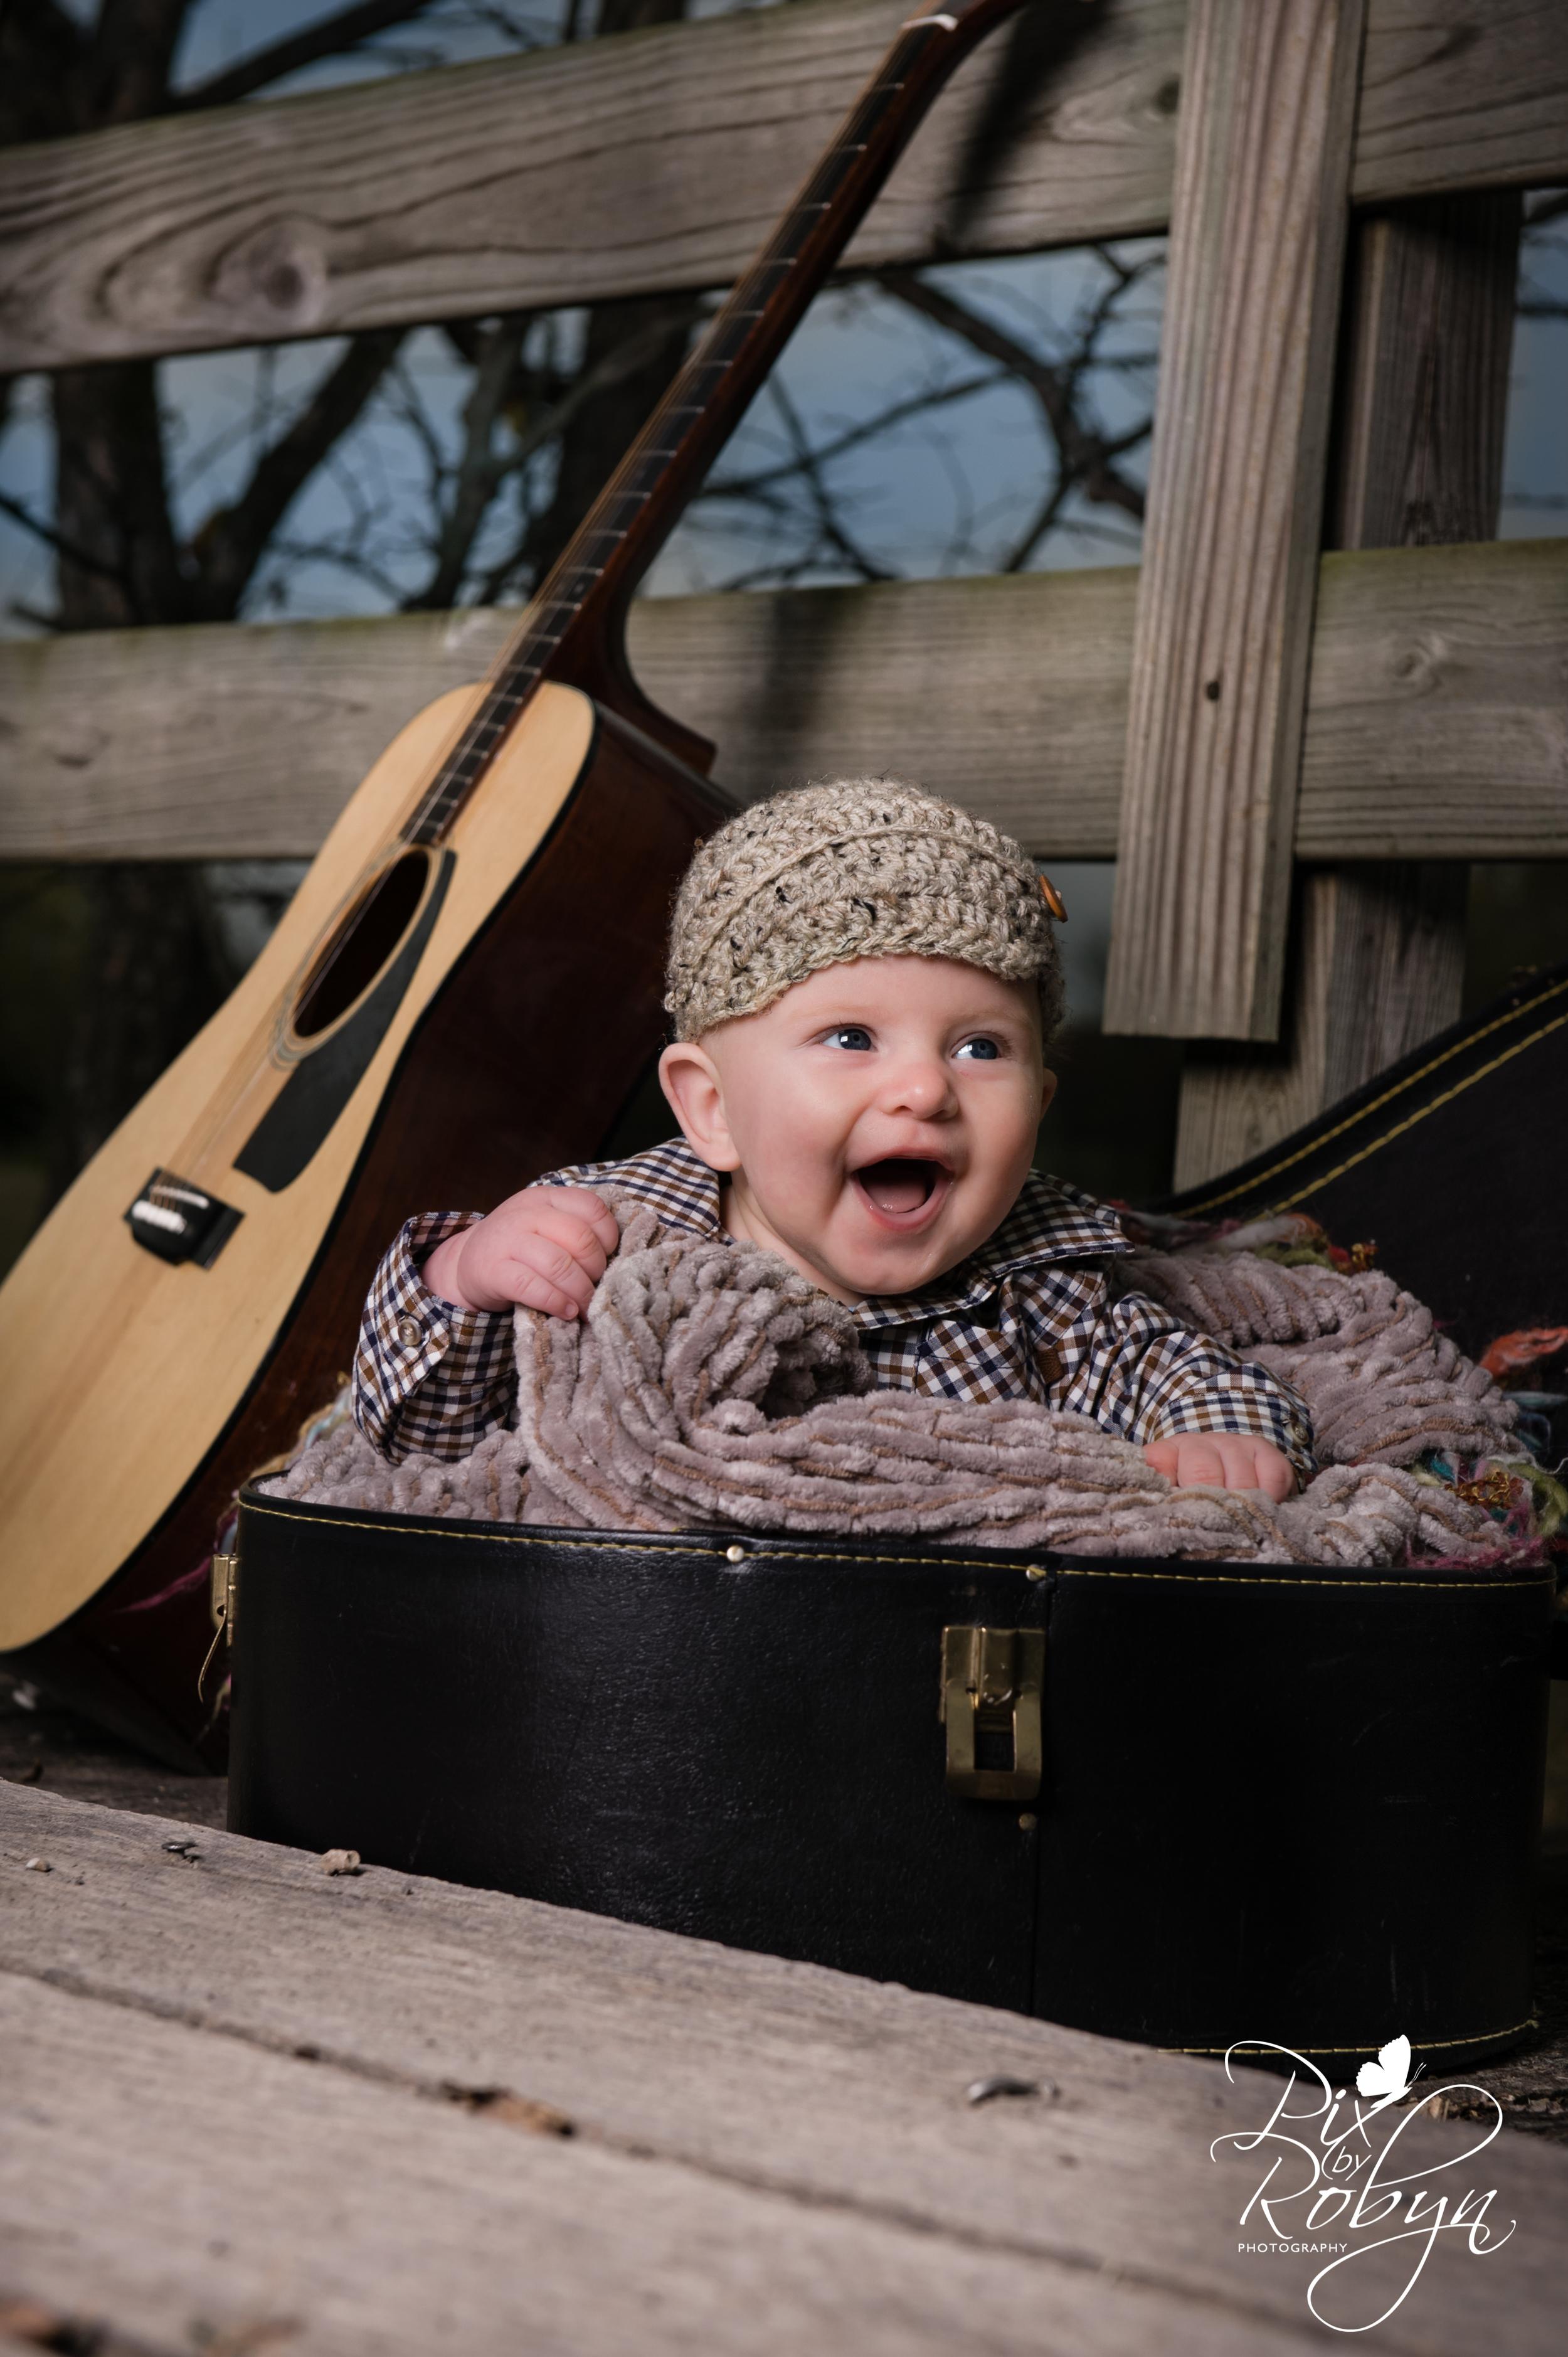 Baby_PBR.jpg